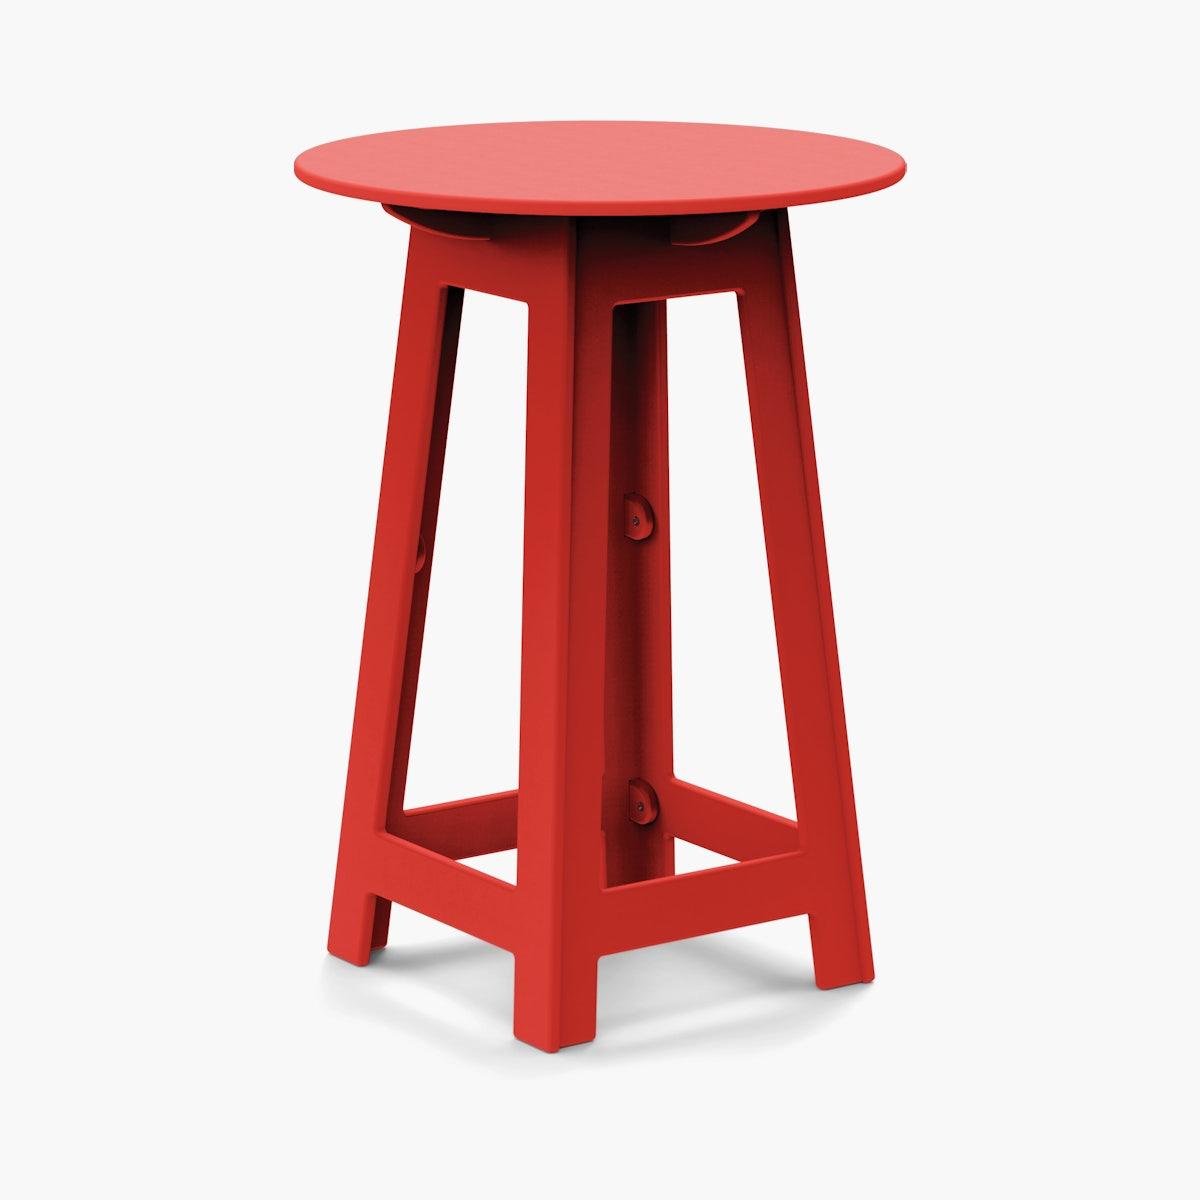 Fresh Air Tall Table